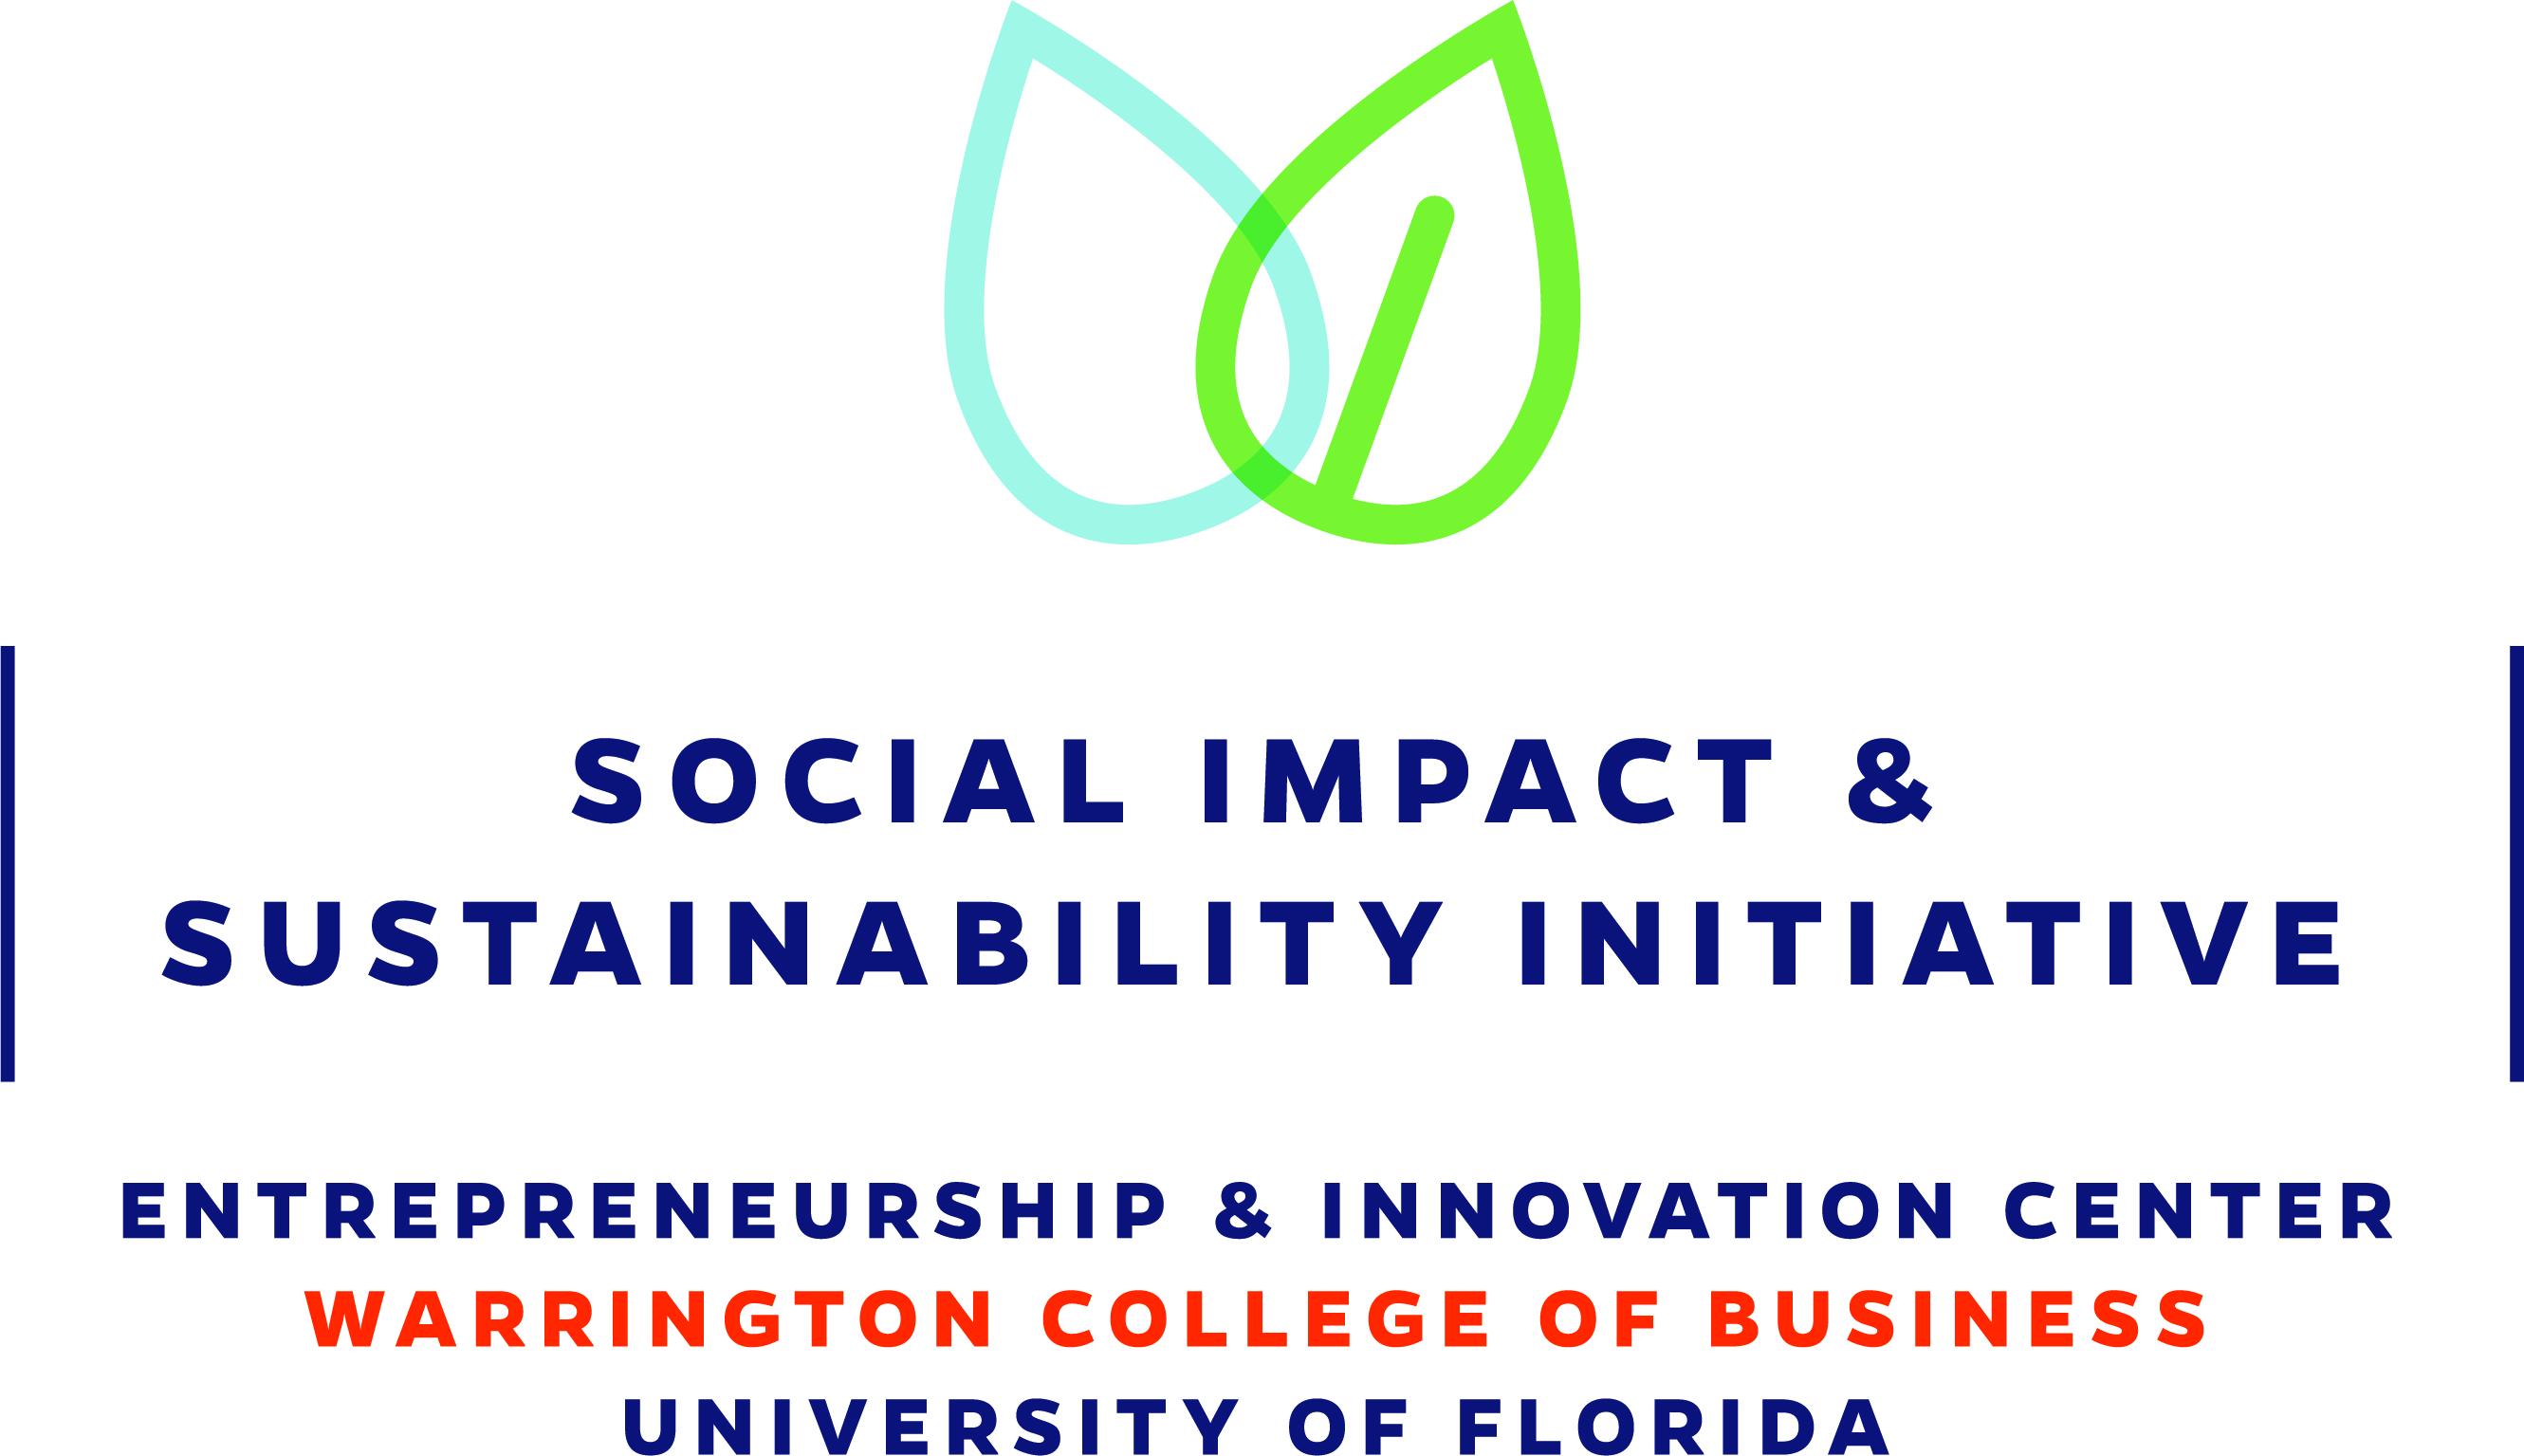 Social Impact & Sustainability Initiative University of Florida